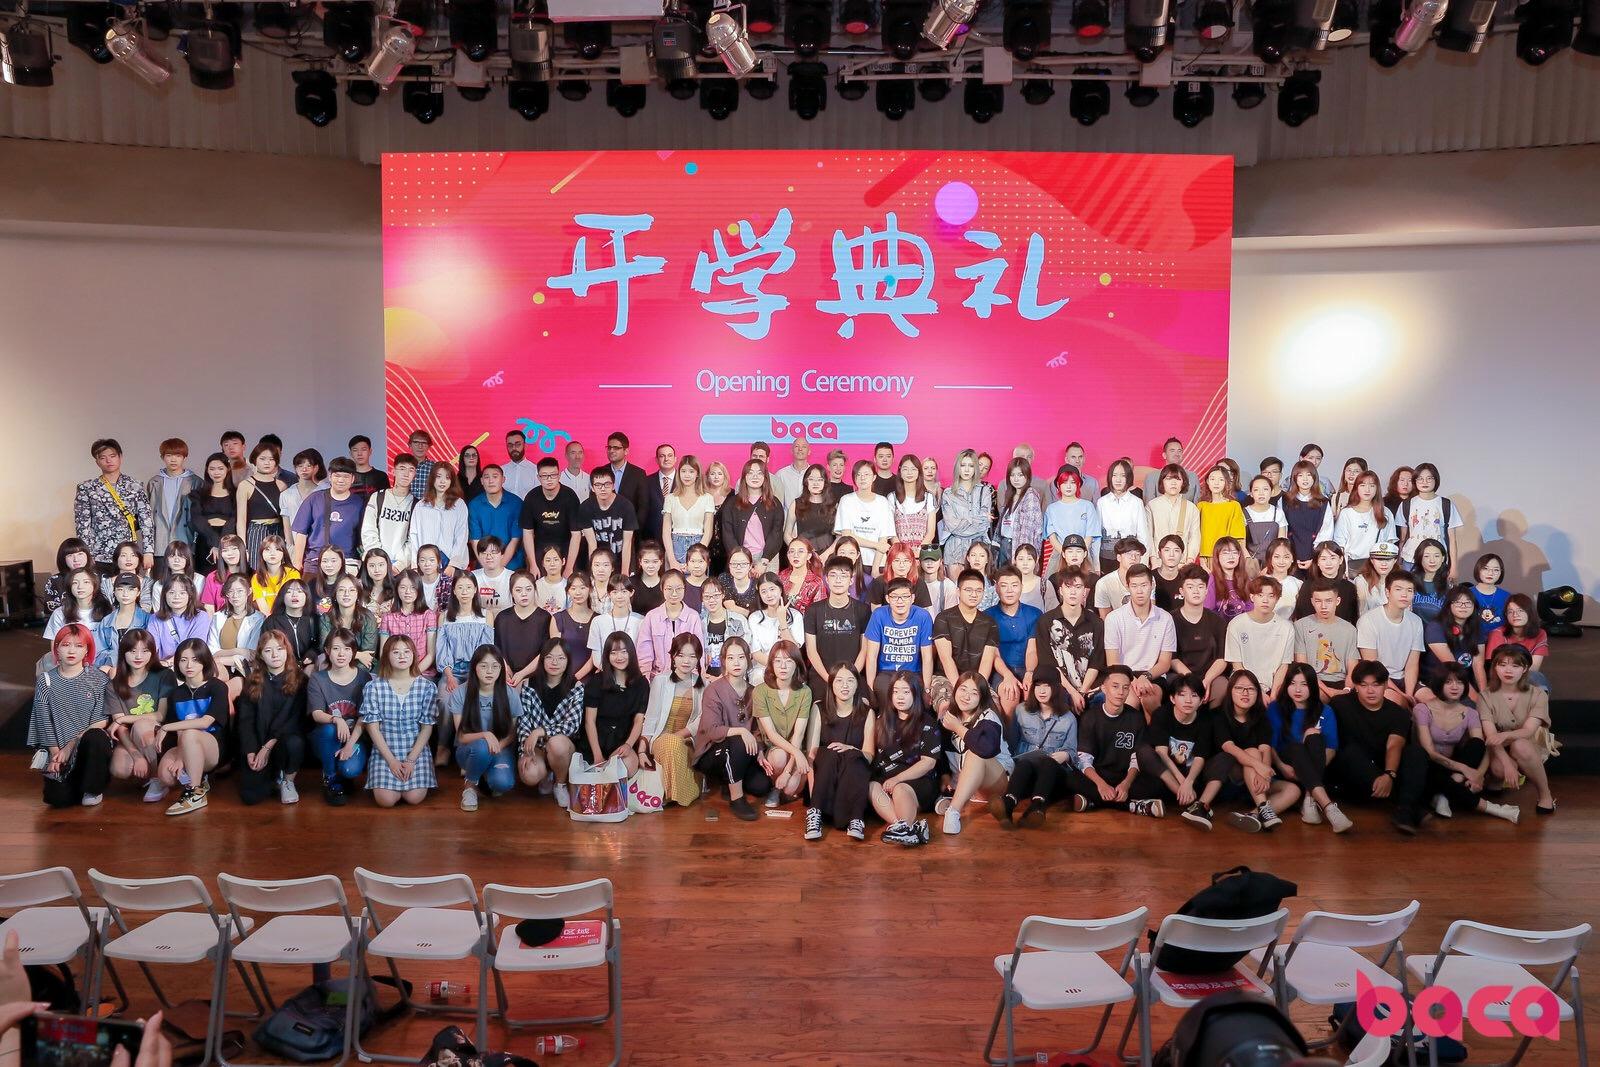 《澳洲快三怎么玩》_世界上最贵的兴趣:中国艺术生留学靠钱铺路的